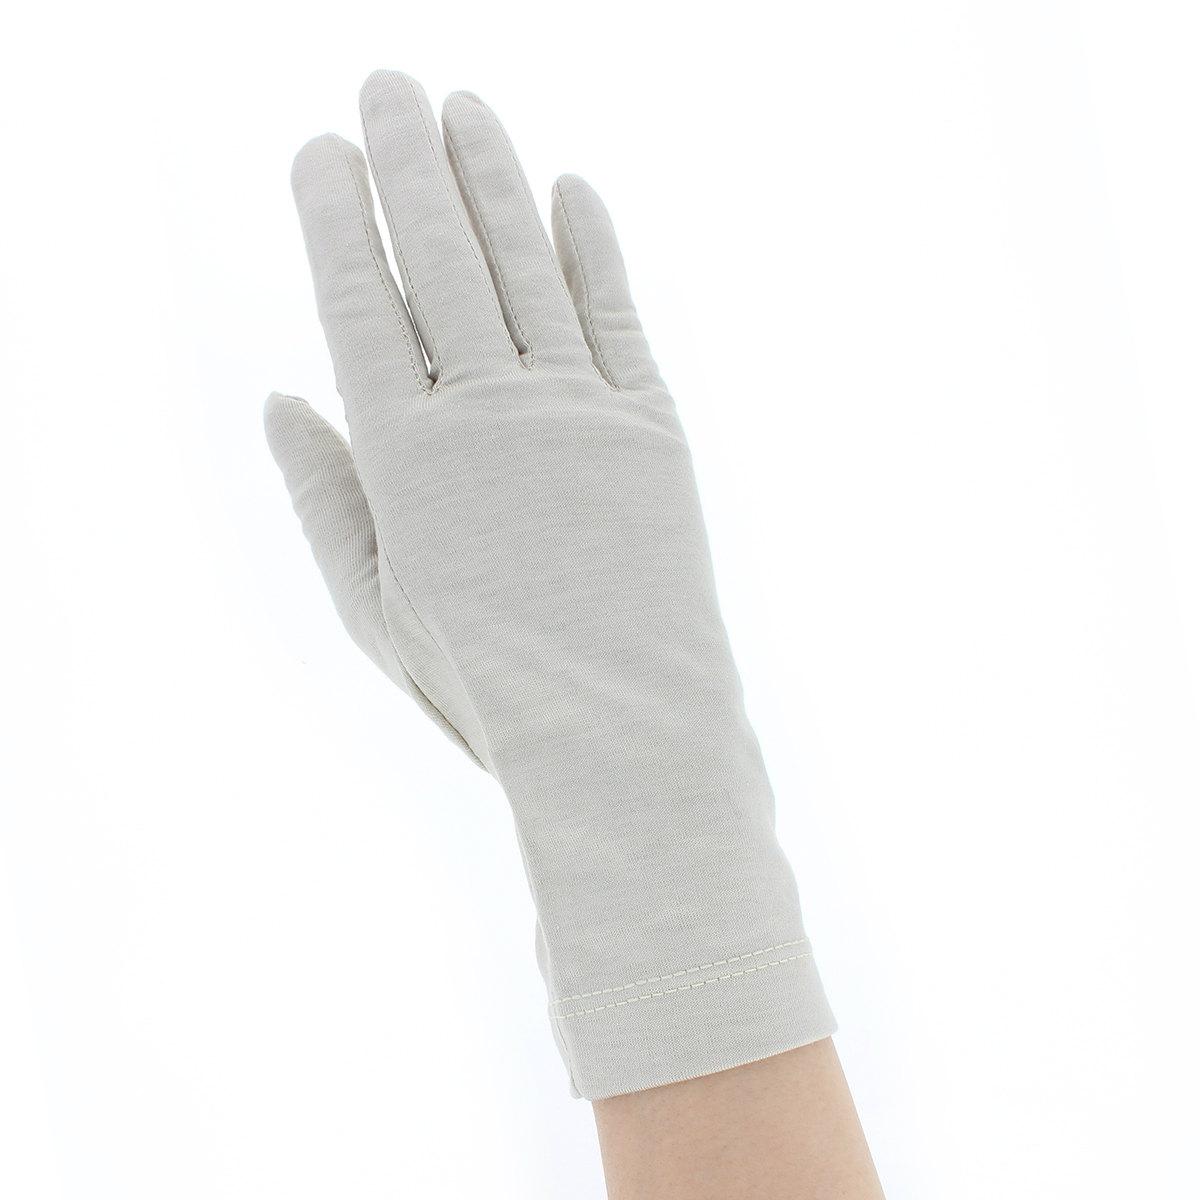 レディース UV手袋 マスクセット 抗菌 抗ウイルス 雑菌抑制 消臭 花粉対策 敏感肌対応 肌にやさしい 綿100% UVカット 五本指手袋 布マスク 汚れ分解 ショート丈 滑り止め付